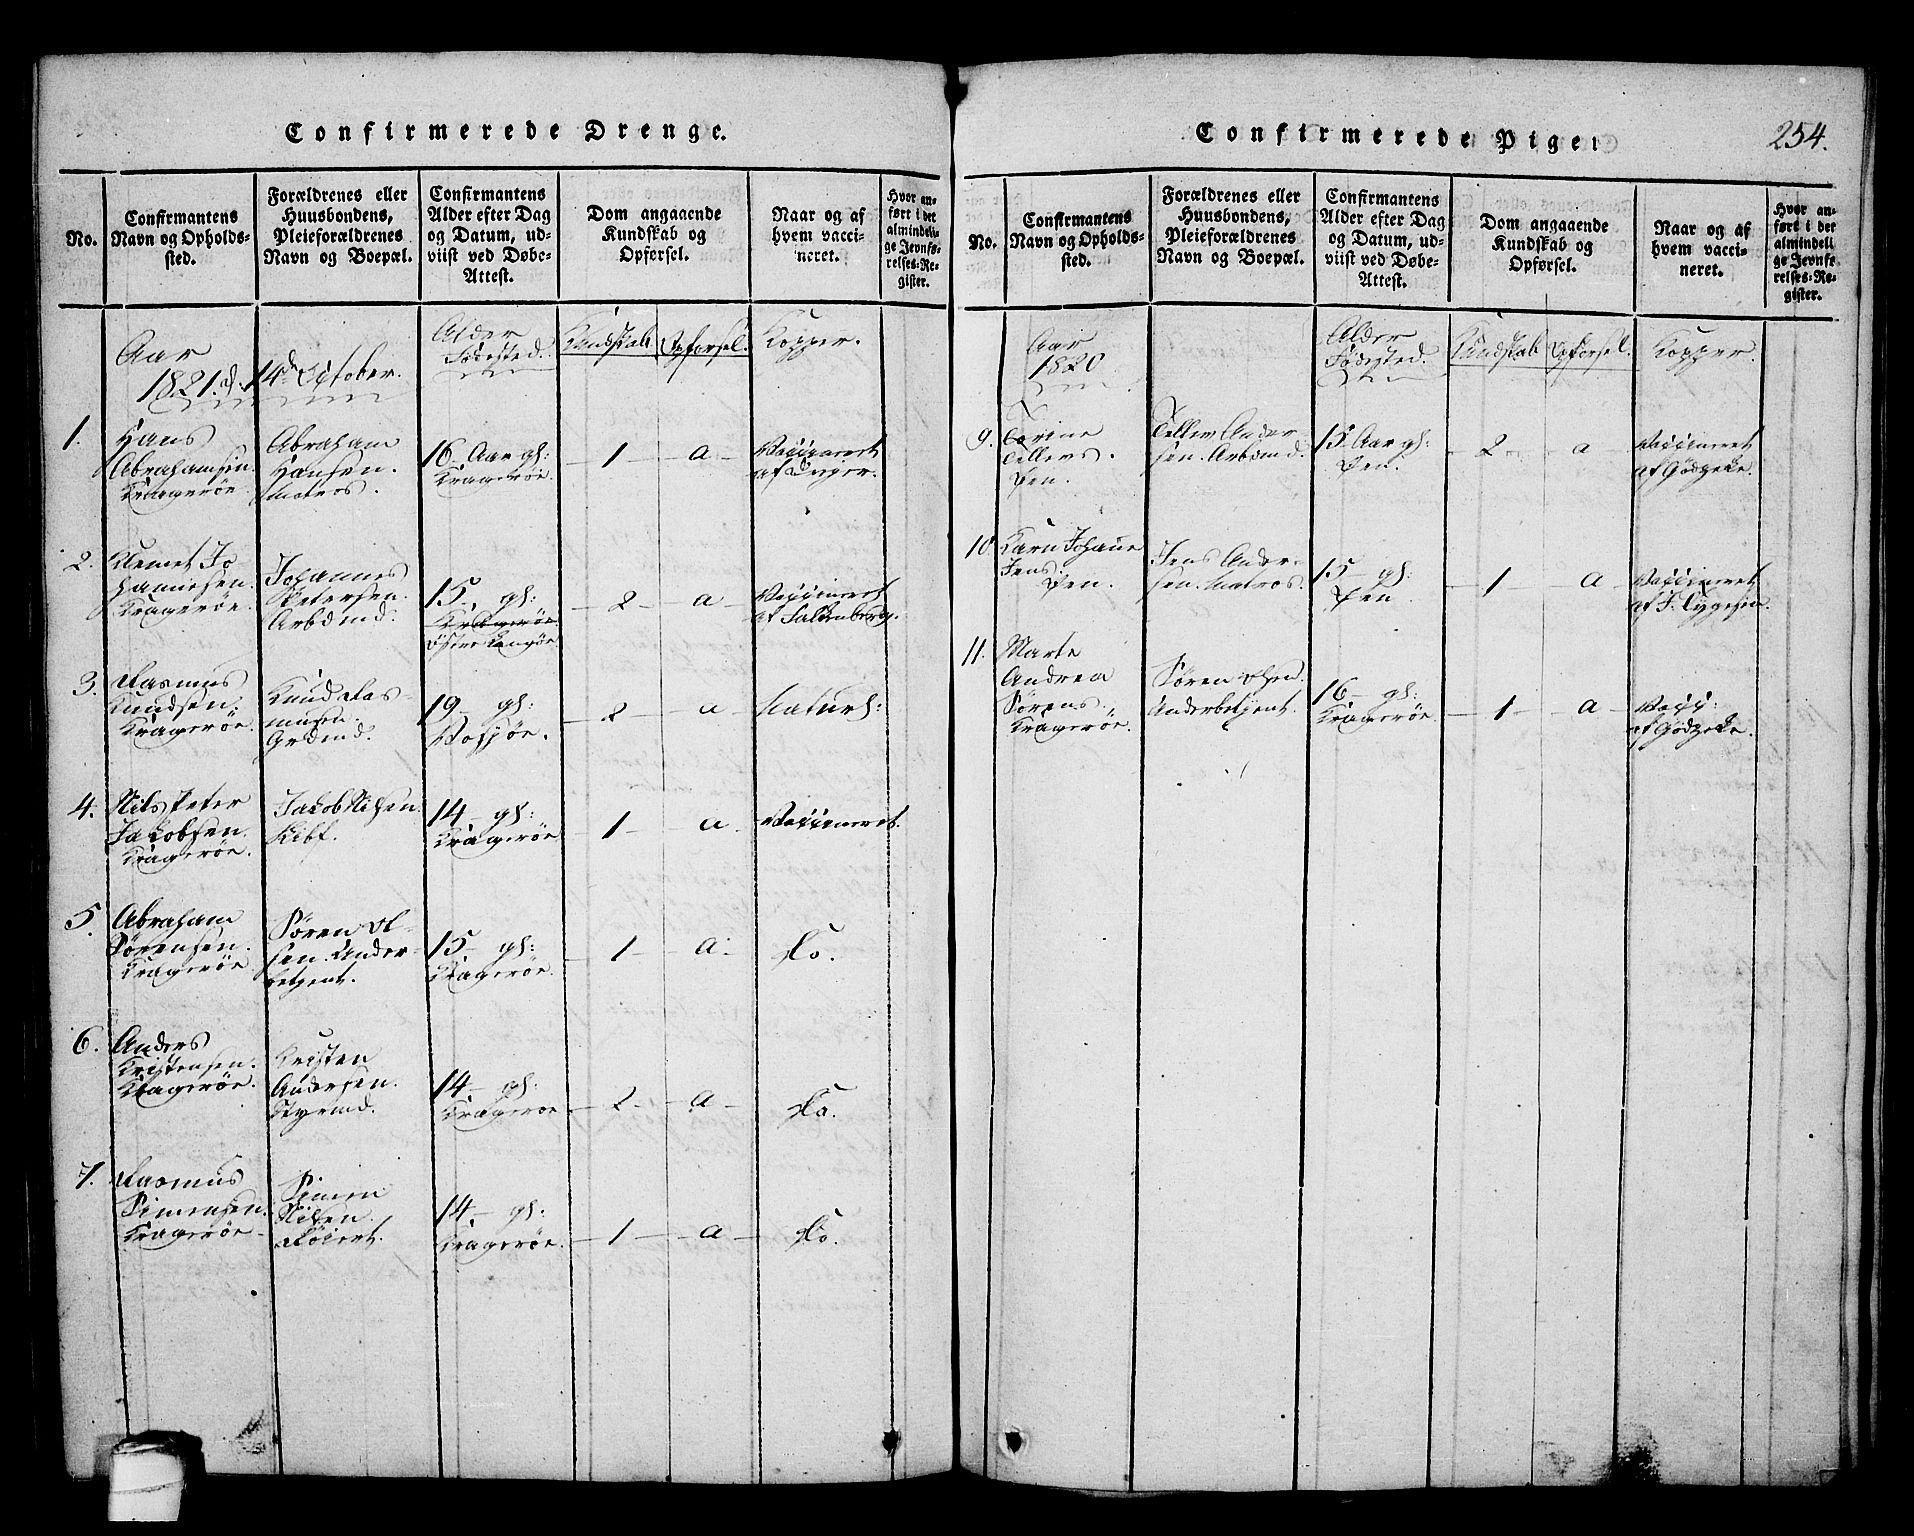 SAKO, Kragerø kirkebøker, G/Ga/L0002: Klokkerbok nr. 2, 1814-1831, s. 254